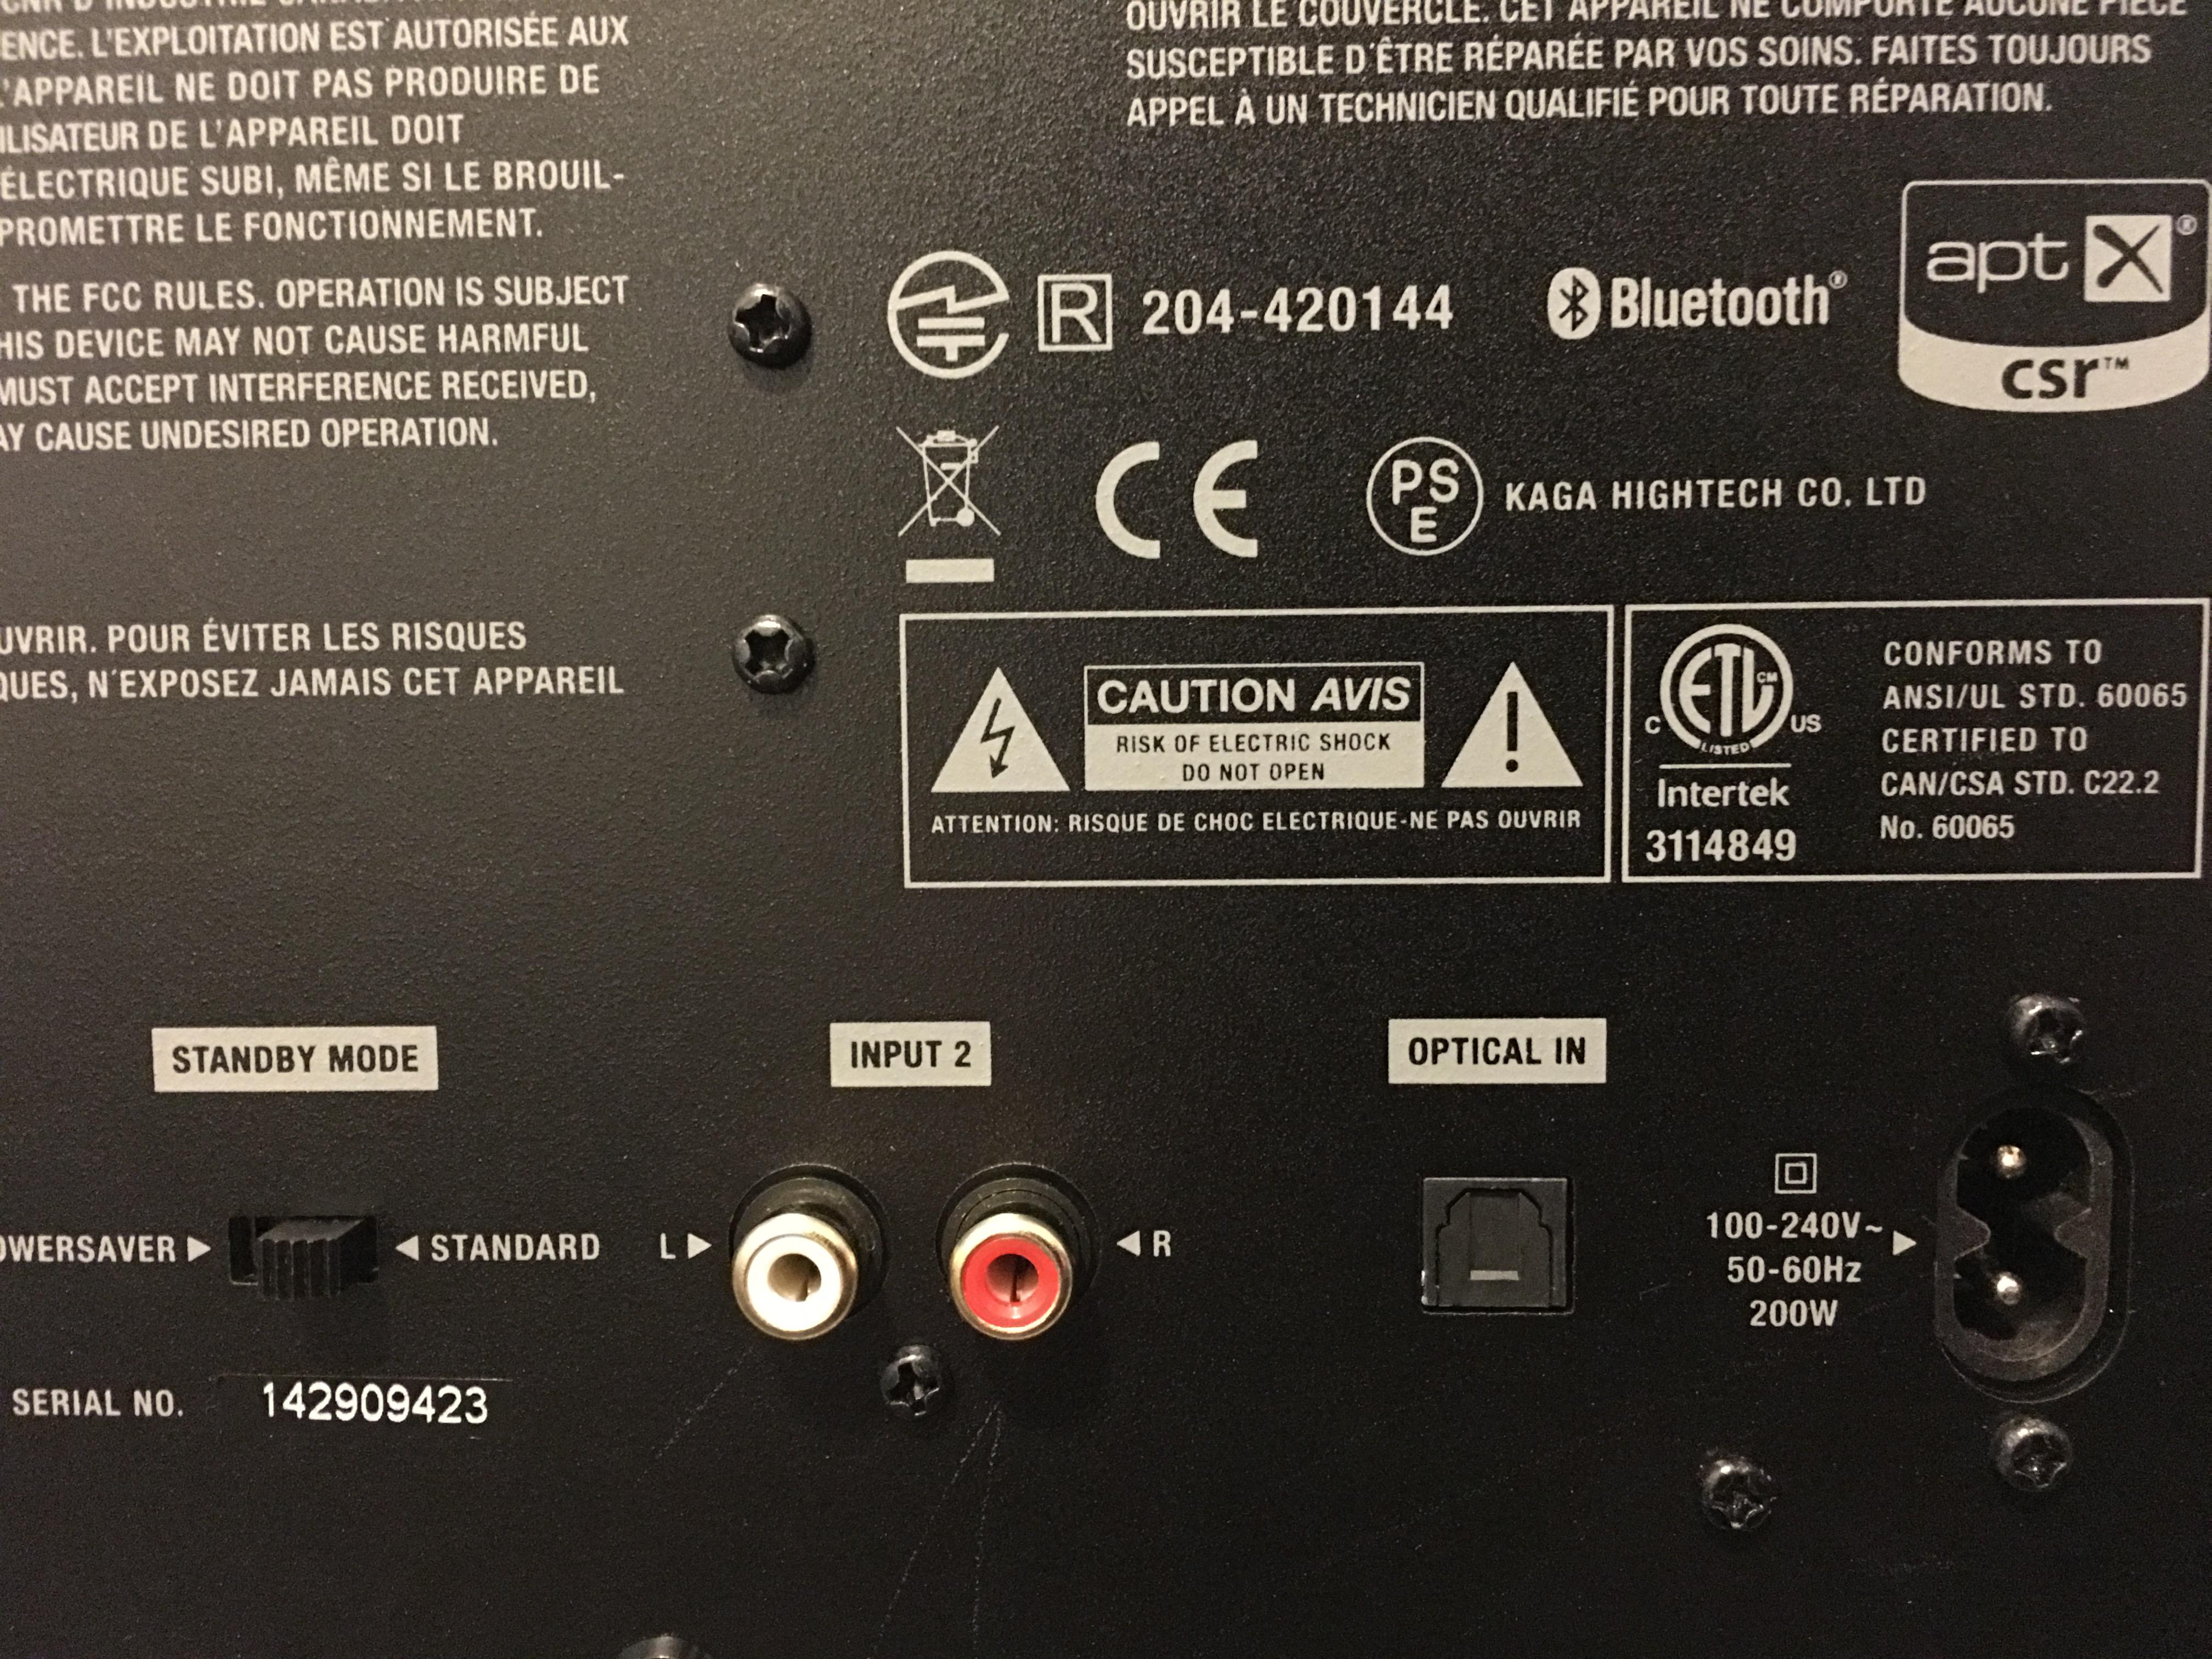 På baksiden finner du RCA og optisk, samt en strømsparefunksjon du aldri kommer til å bruke (denne er ikke batteridreven).